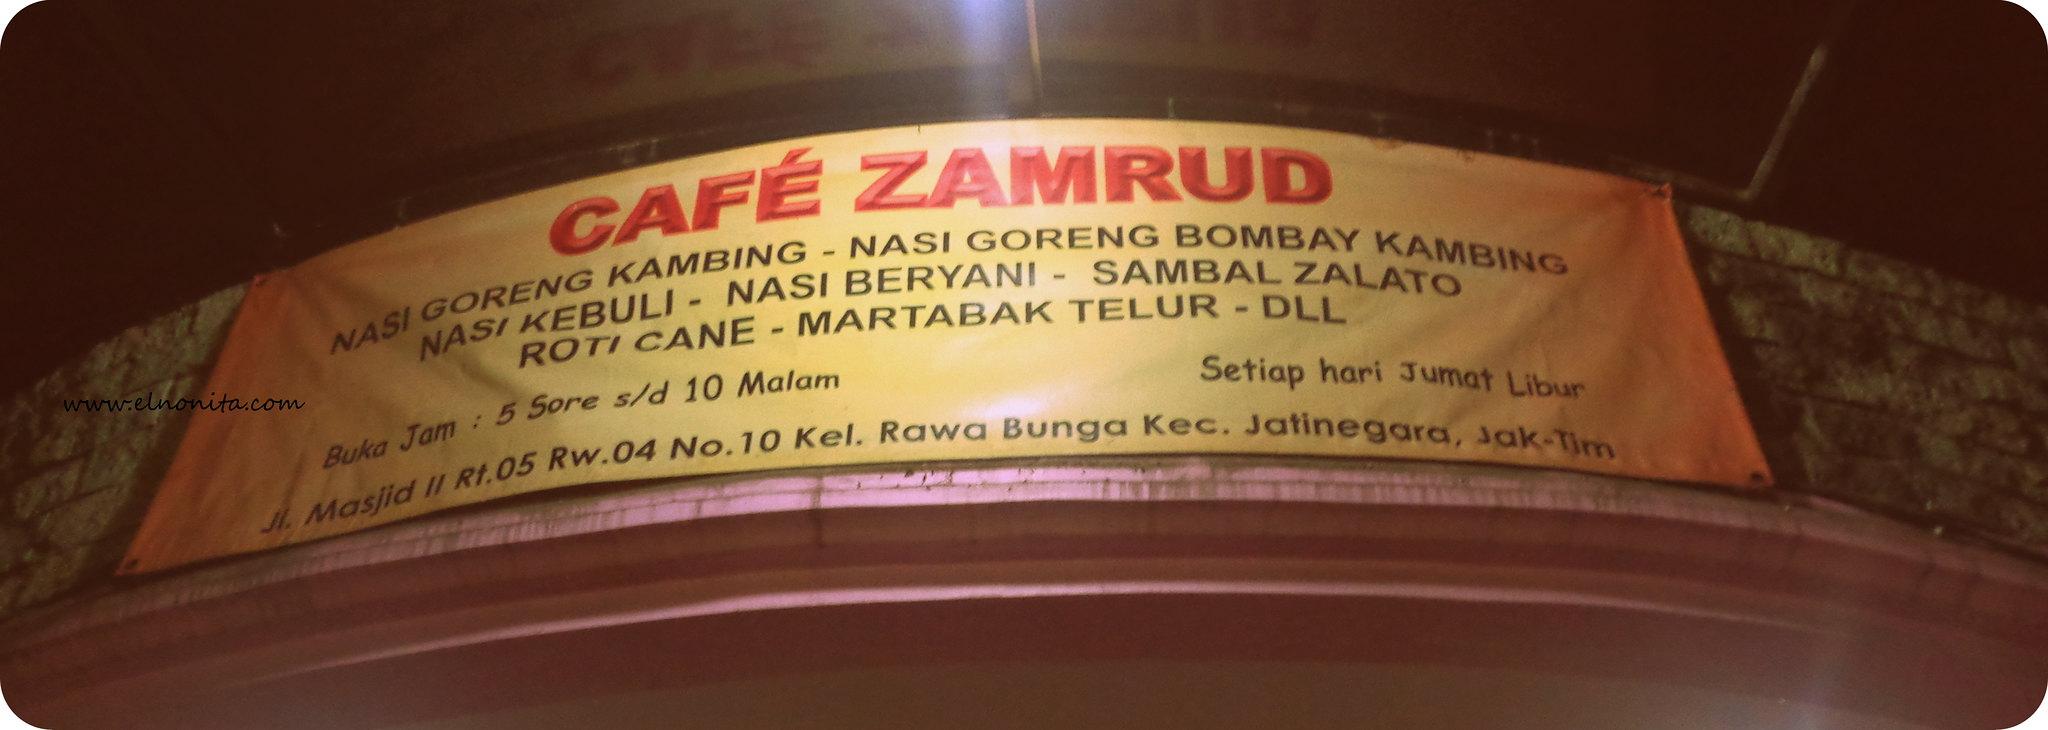 Cafe Zamrud